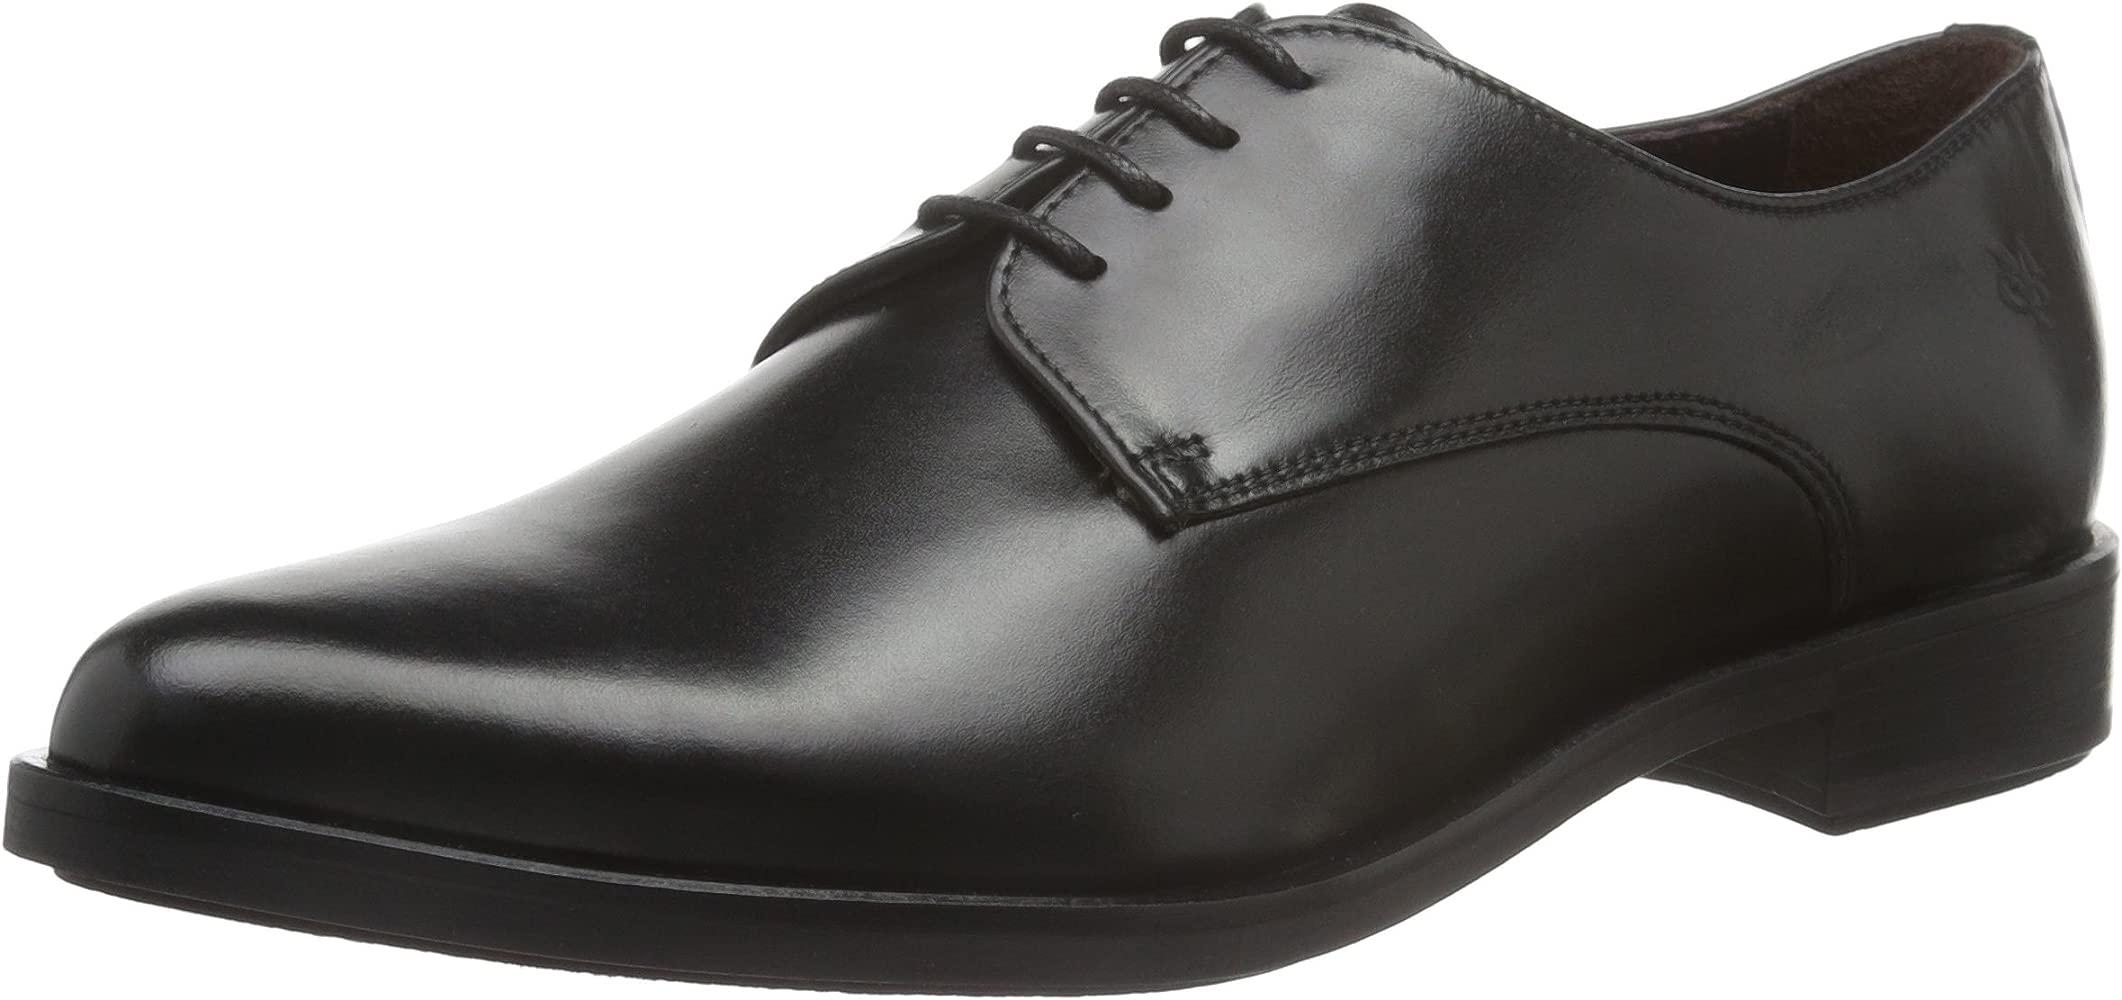 Marc OPolo Schnürschuh - Zapatos Derby Hombre, color Negro (Black ...